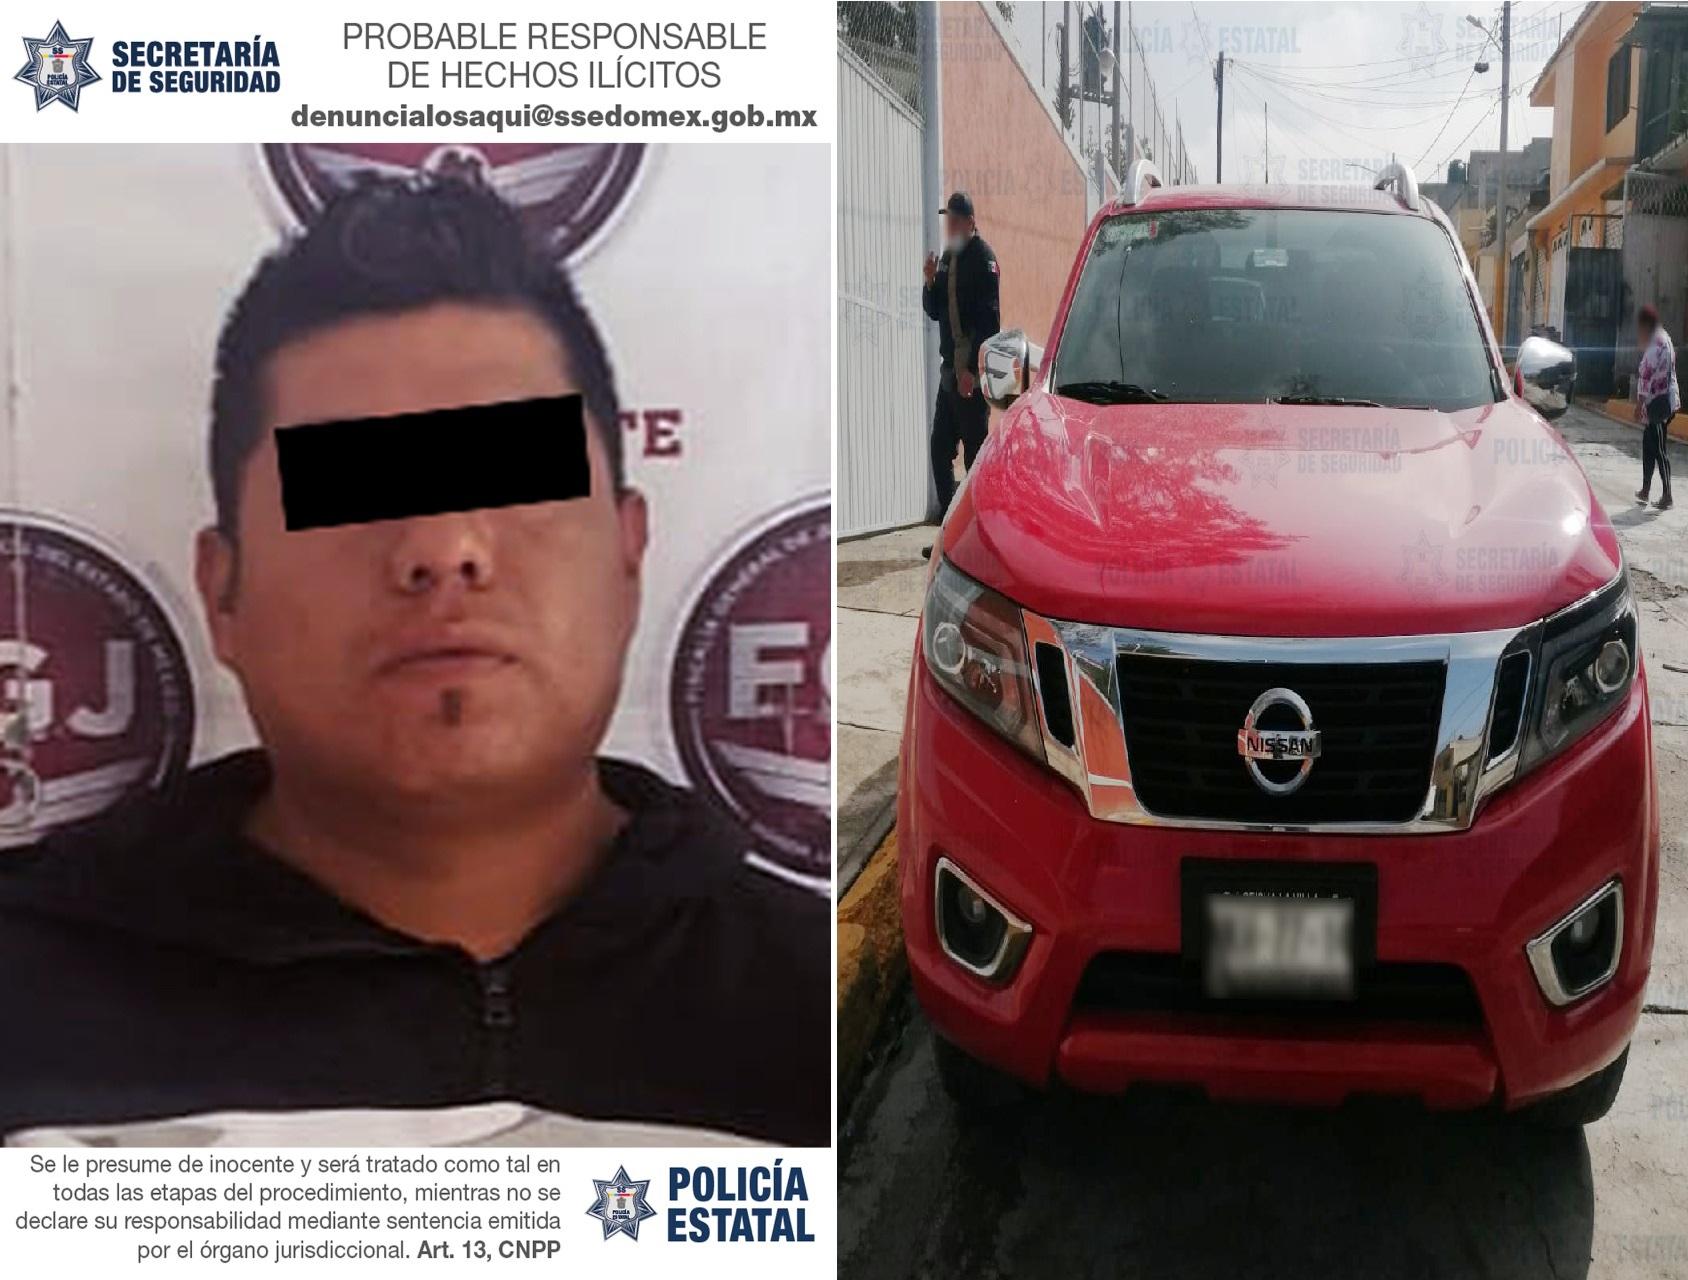 RECUPERAN UNA CAMIONETA ROBADA DURANTE HURTO A CASA HABITACIÓN